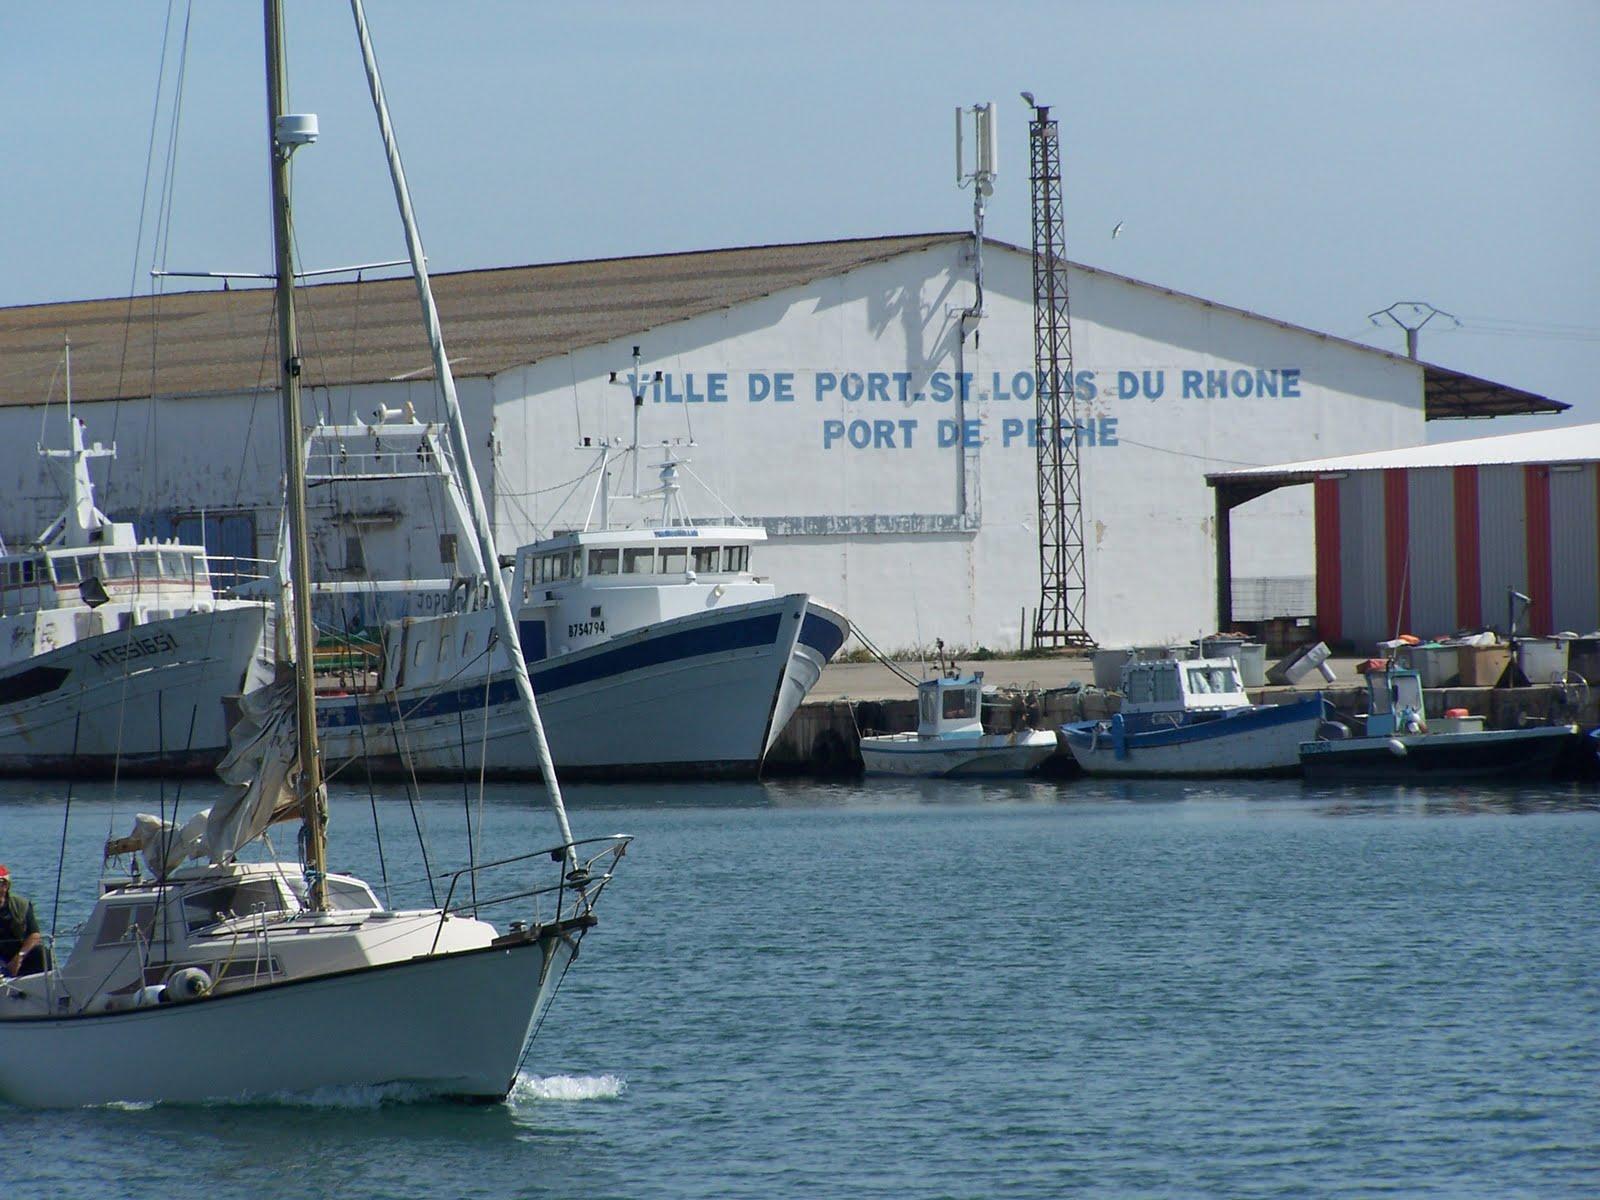 Wieder auf fahrt s dfrankreich 2011 - Navy service port st louis du rhone ...